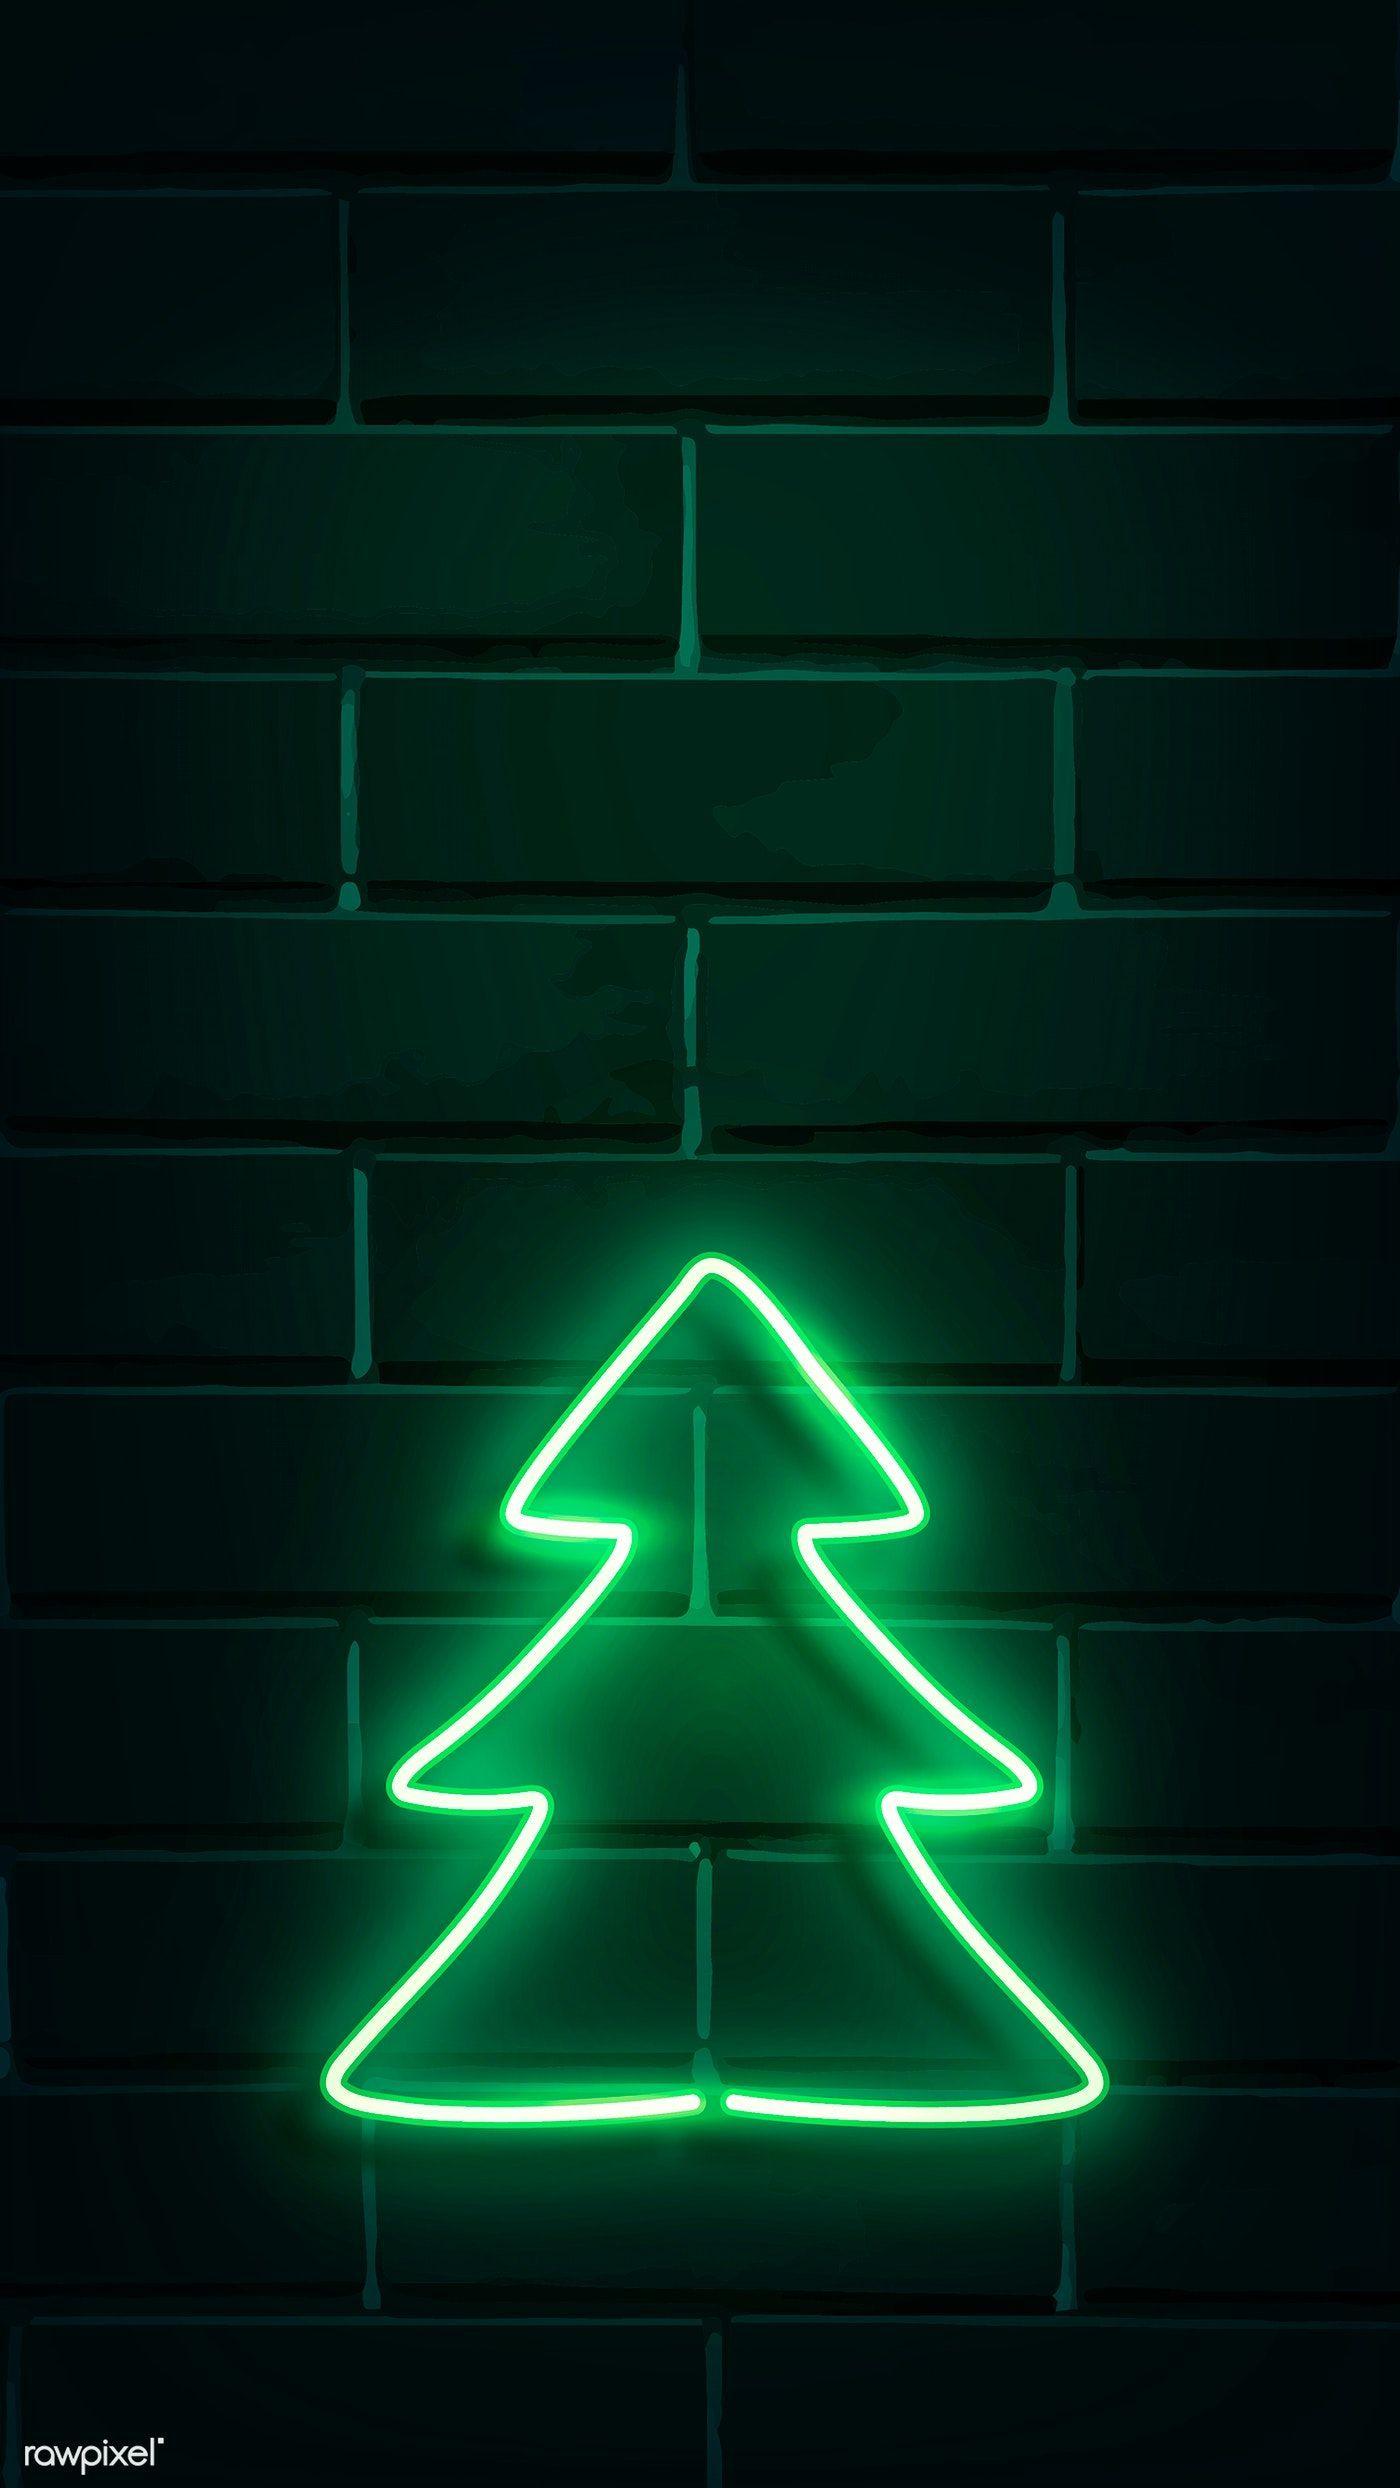 Christmas Tree Neon Sign On A Dark Brick Wall Vector Premium Image By Rawpixel Com Ningzk V 32158522 Isikli Tabelalar Yilbasi Duvar Kagidi Neon Aydinlatma